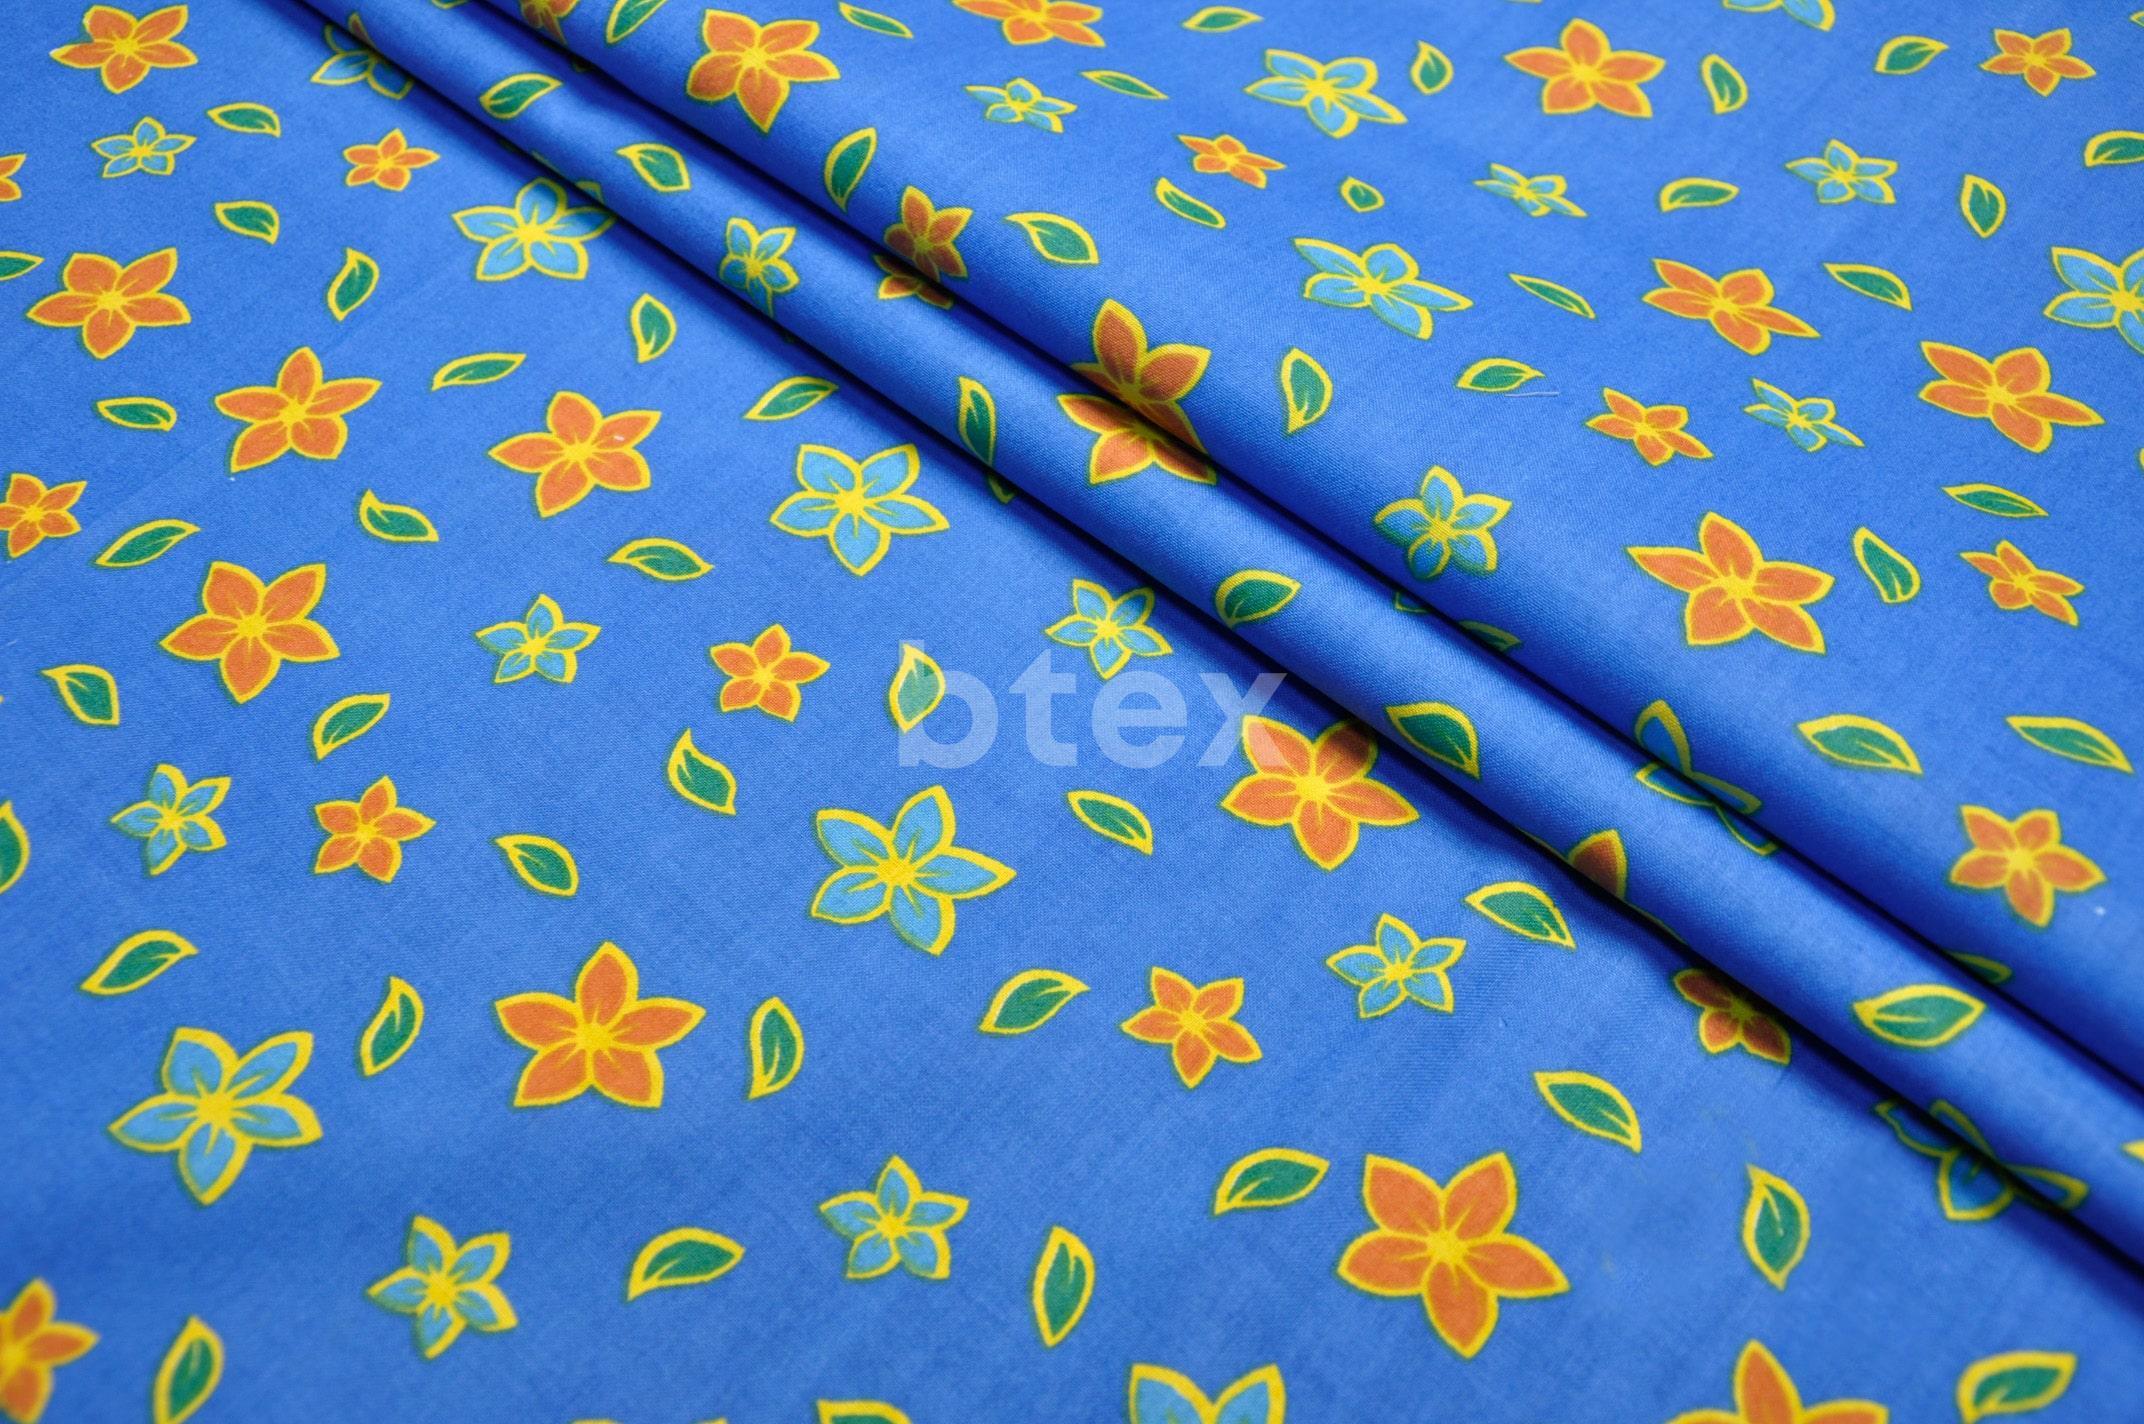 Ткань для халатов фото-1